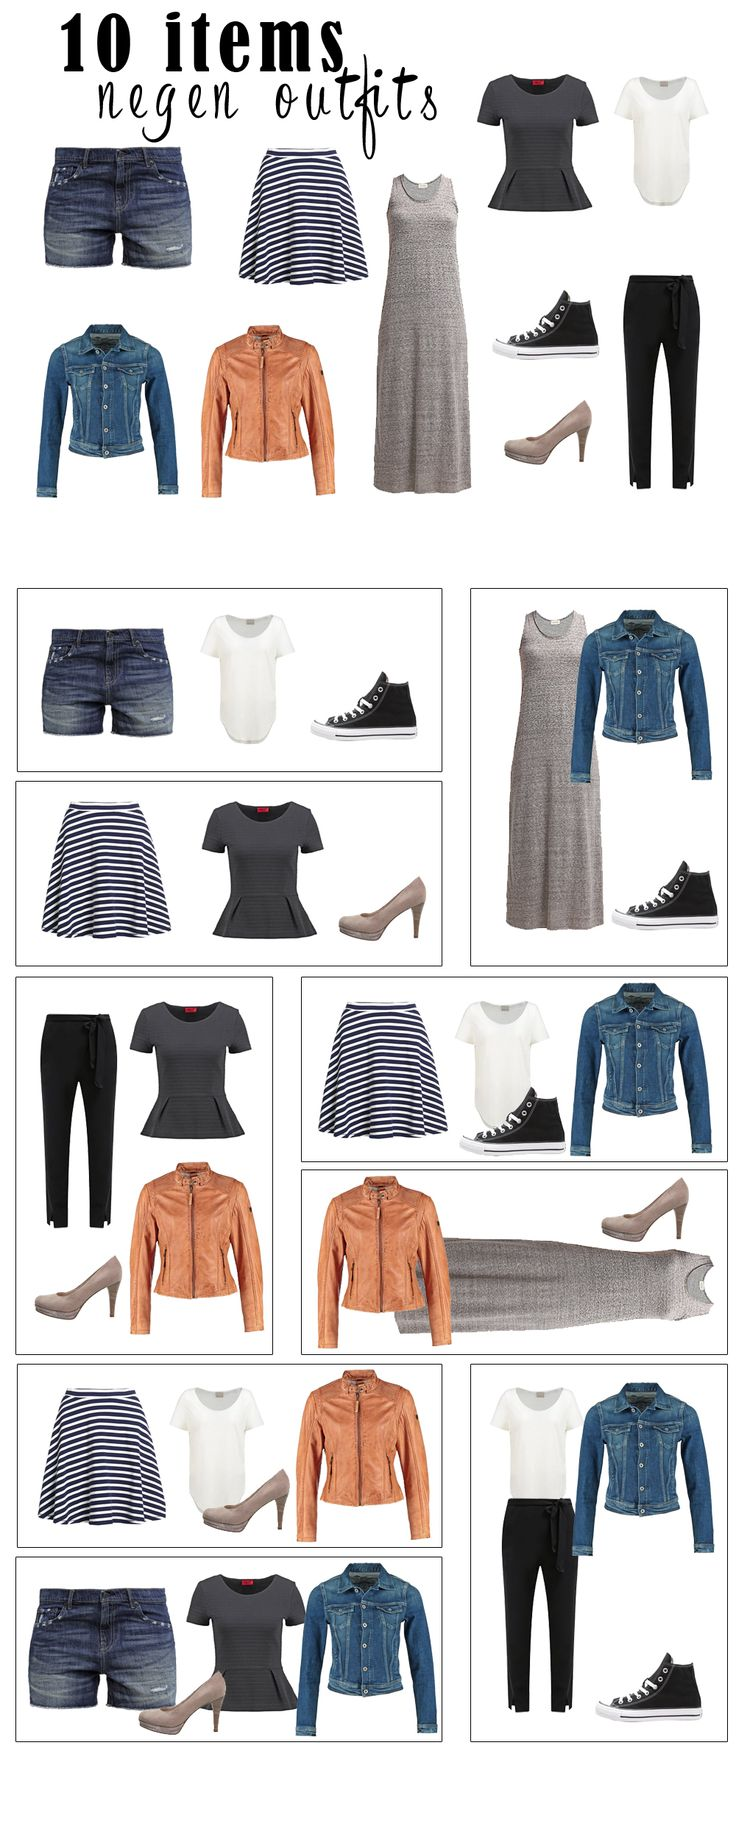 Overpakken, we maken ons er haast allemaal schuldig aan. Toch is reizen met een minimale garderobe perfect mogelijk én hoef je er helemaal n...